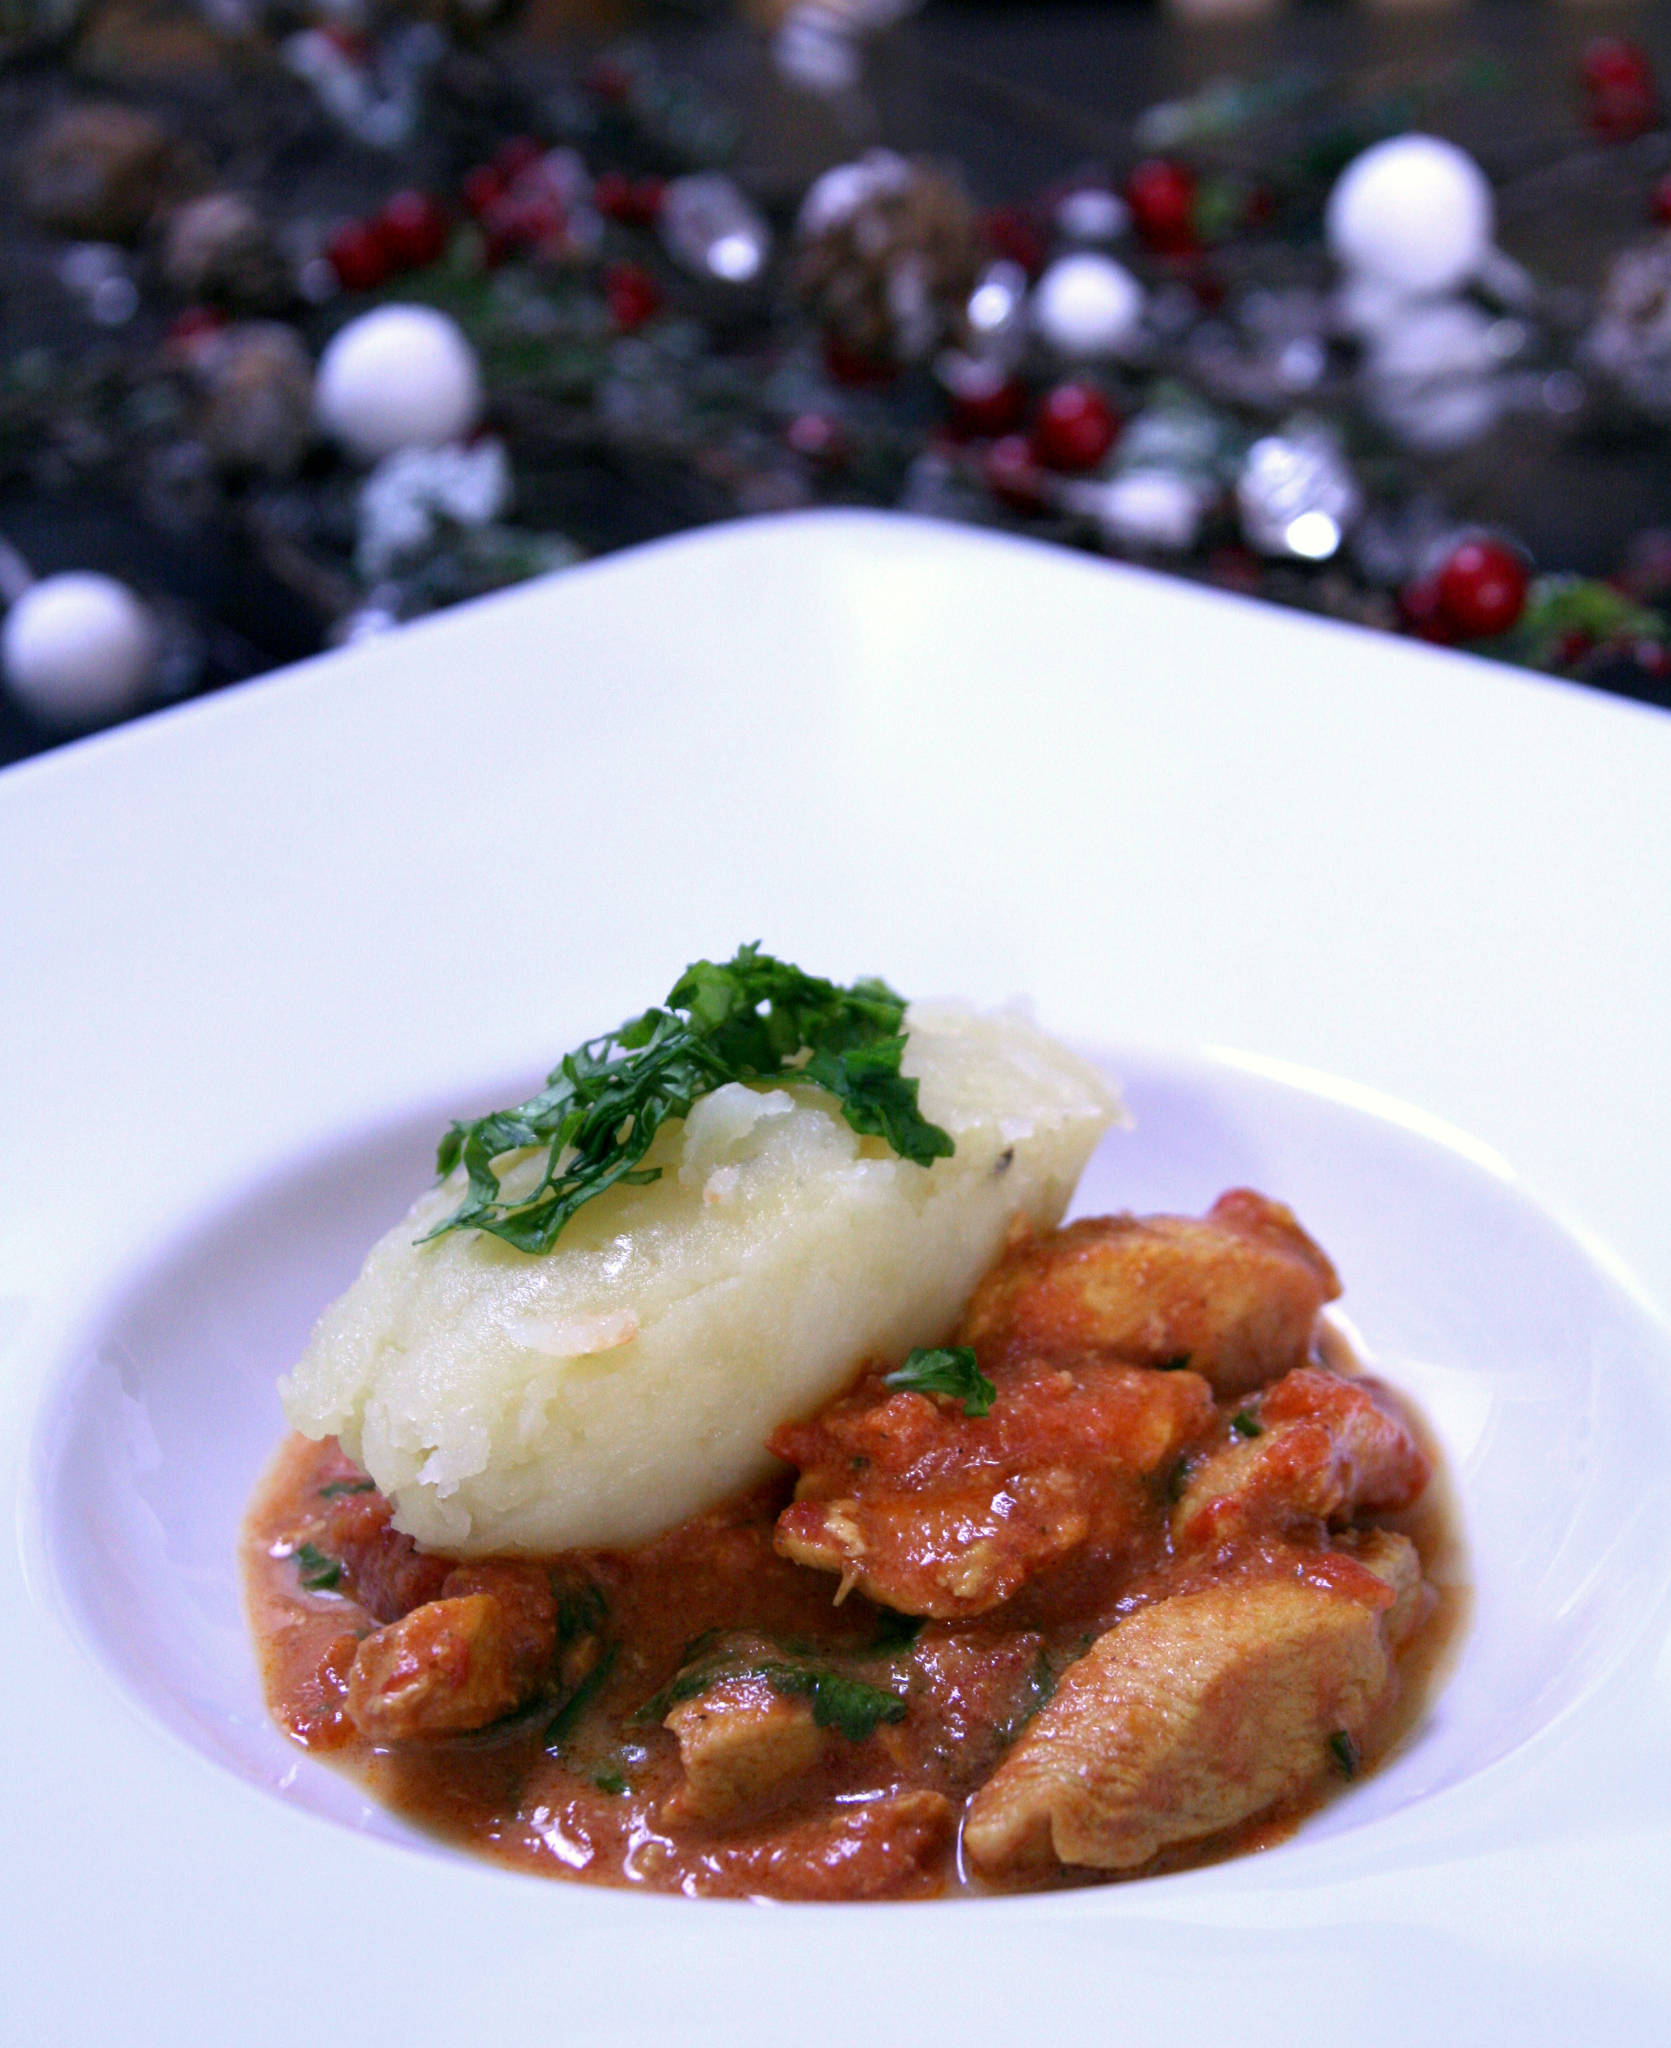 Poulet mariné au curry et à la tomate, écrasée de pommes de terre à la coco